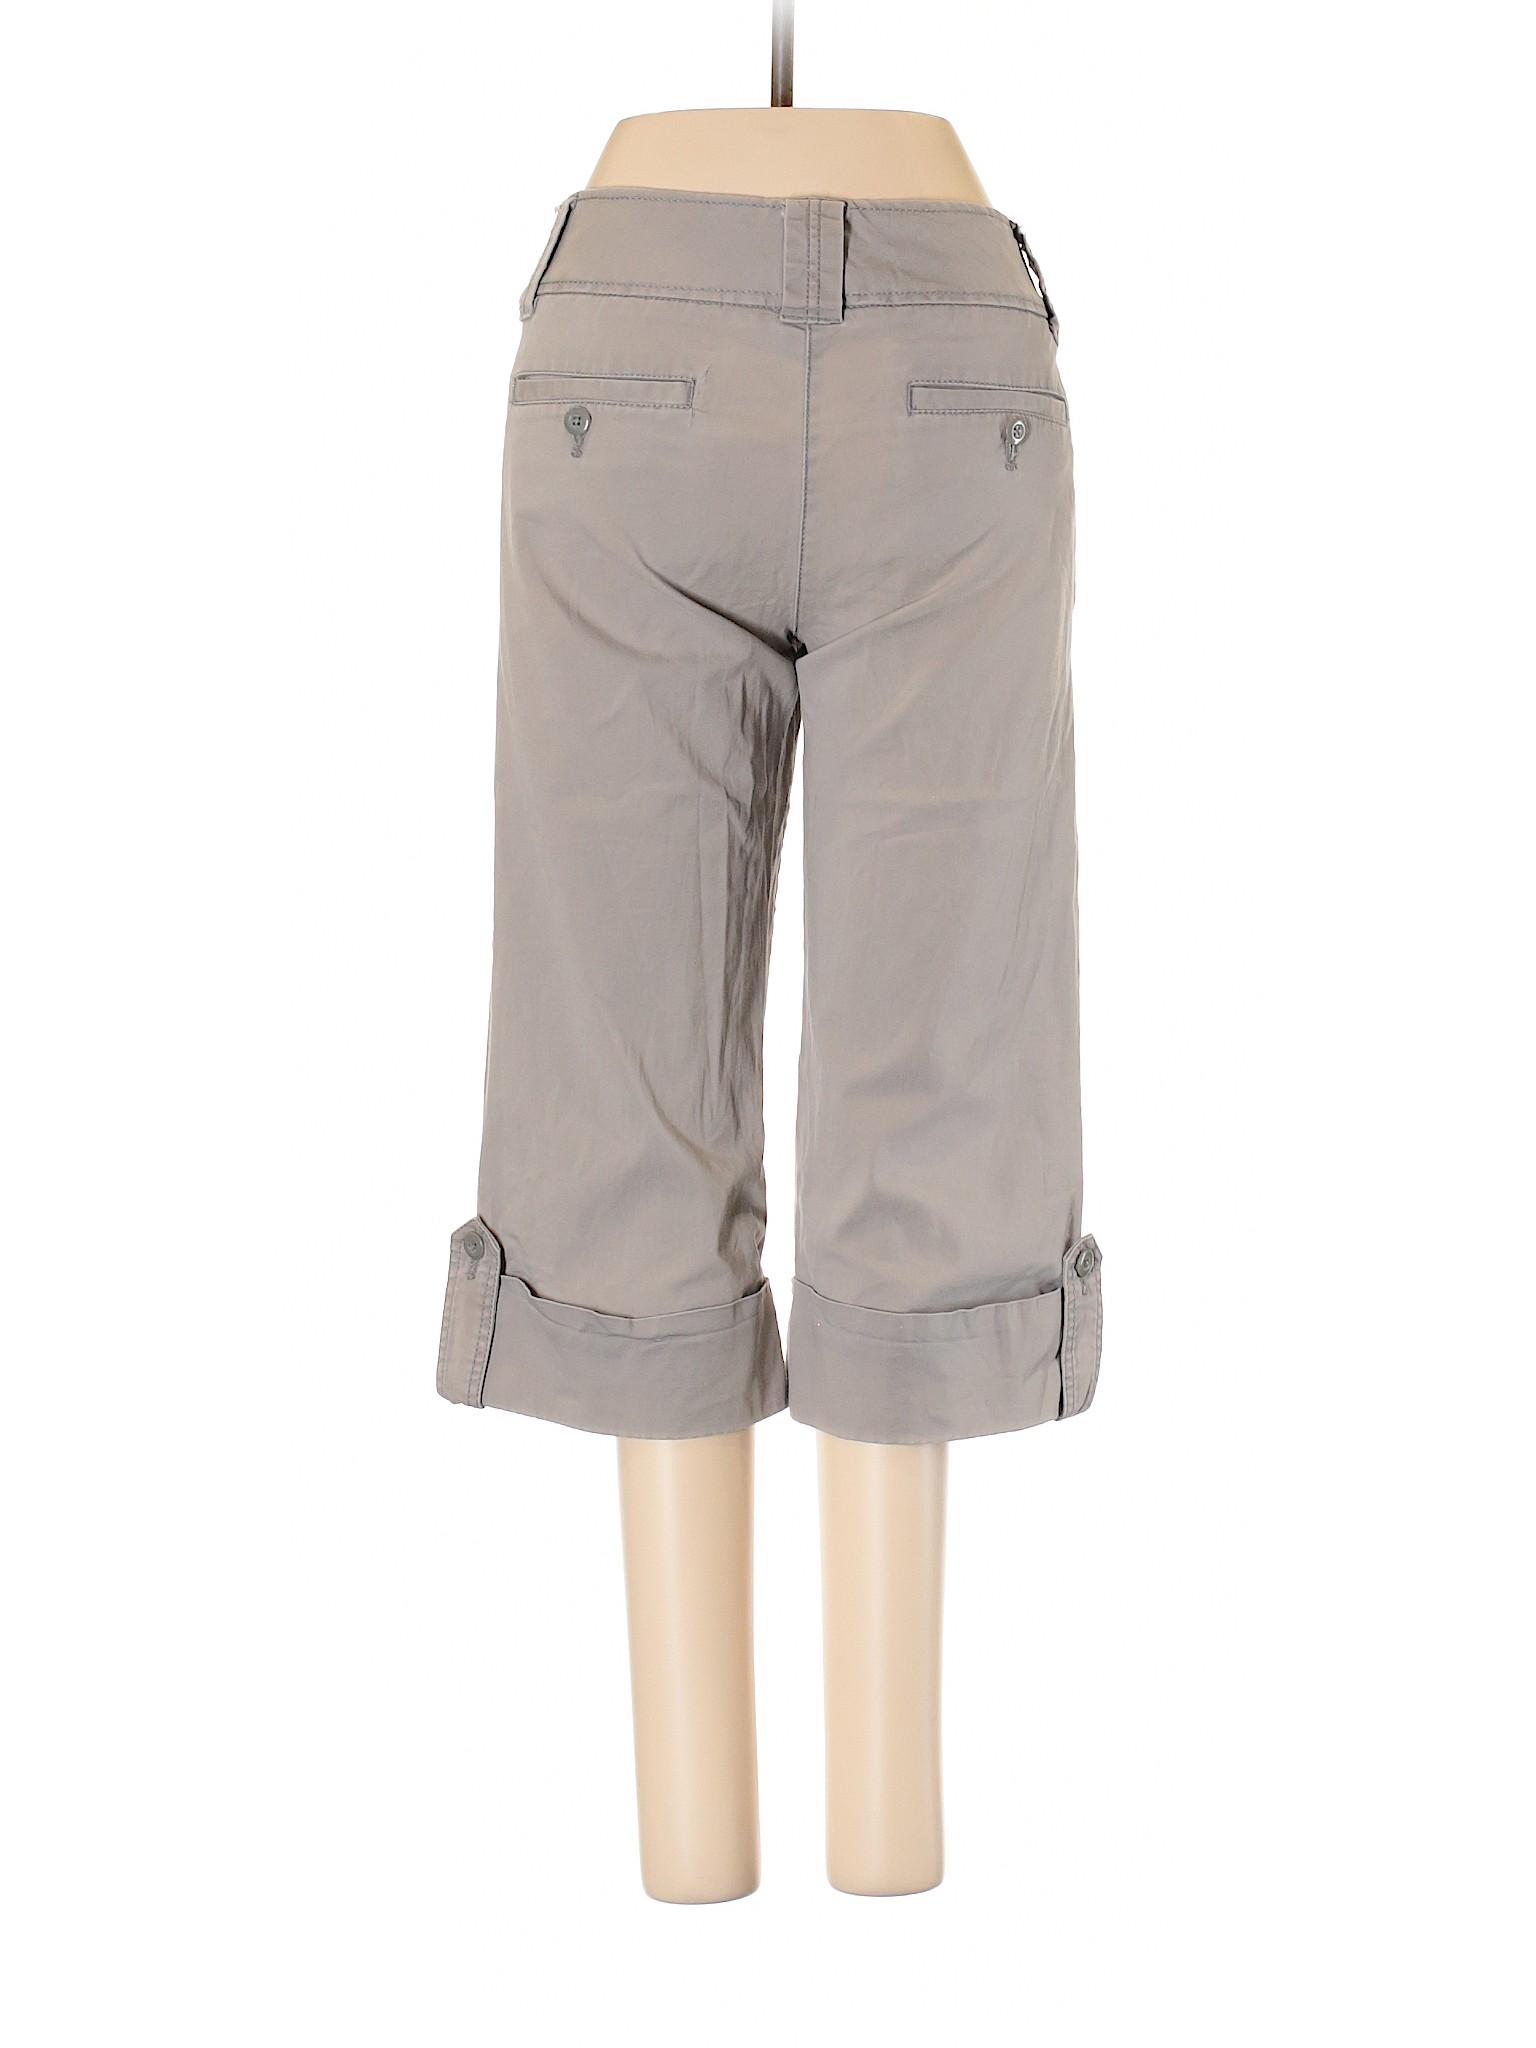 winter Express Boutique Boutique Pants Casual Pants Casual winter winter winter Boutique Casual Boutique Express Pants Express x7OPwYqF